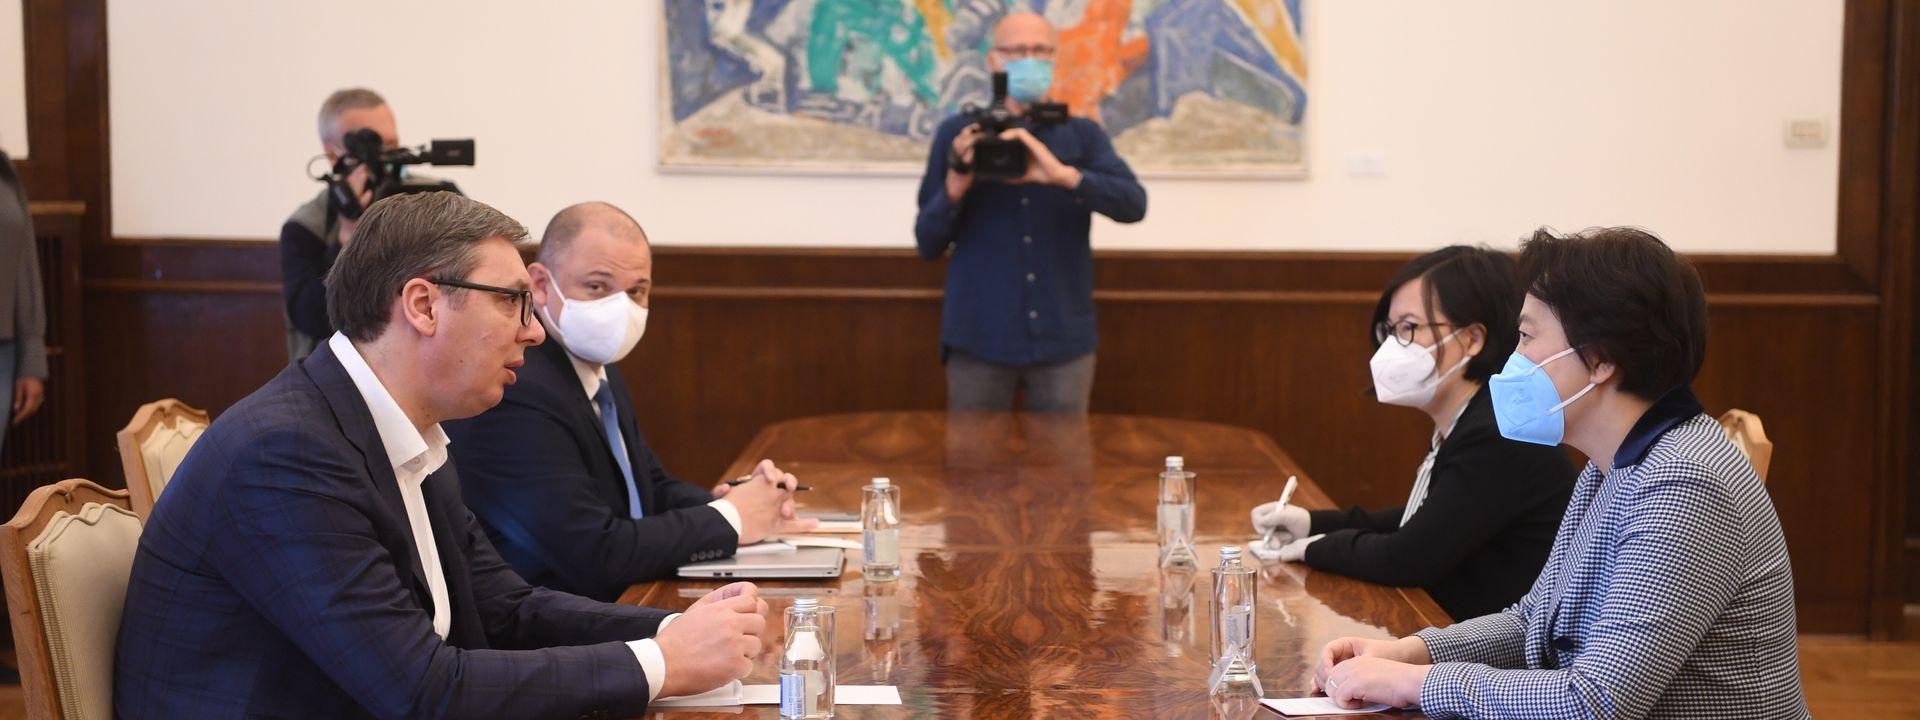 Сарадња Србије и Кине наставиће се још интензивнијим темпом